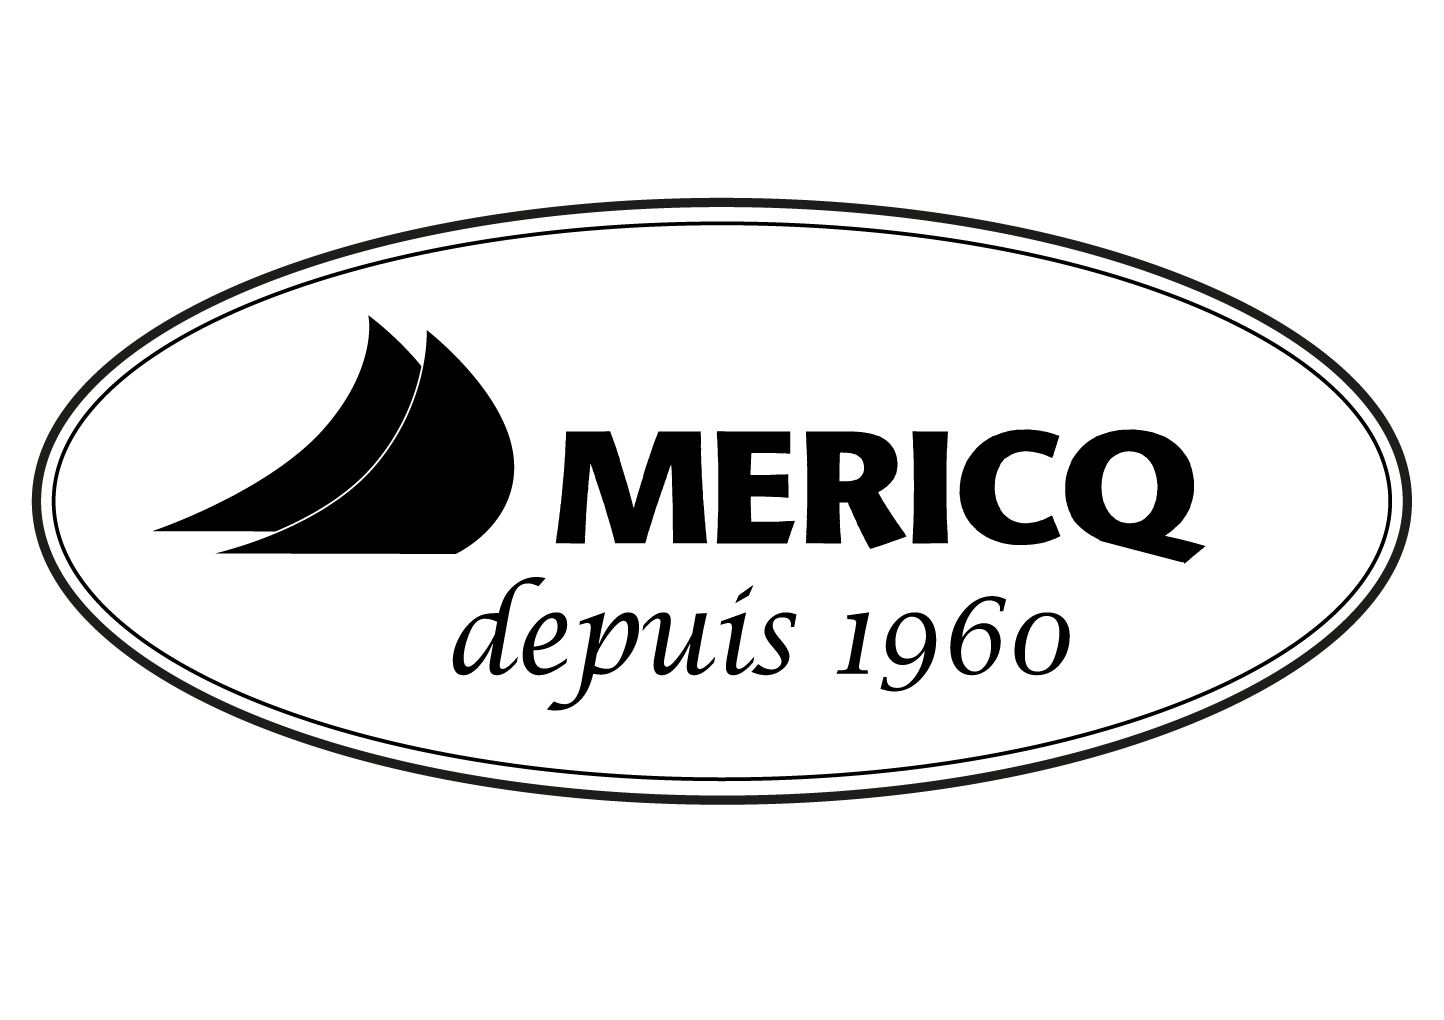 Mericq, mareyeur, négociant, et distributeur de produits de la mer depuis 1960